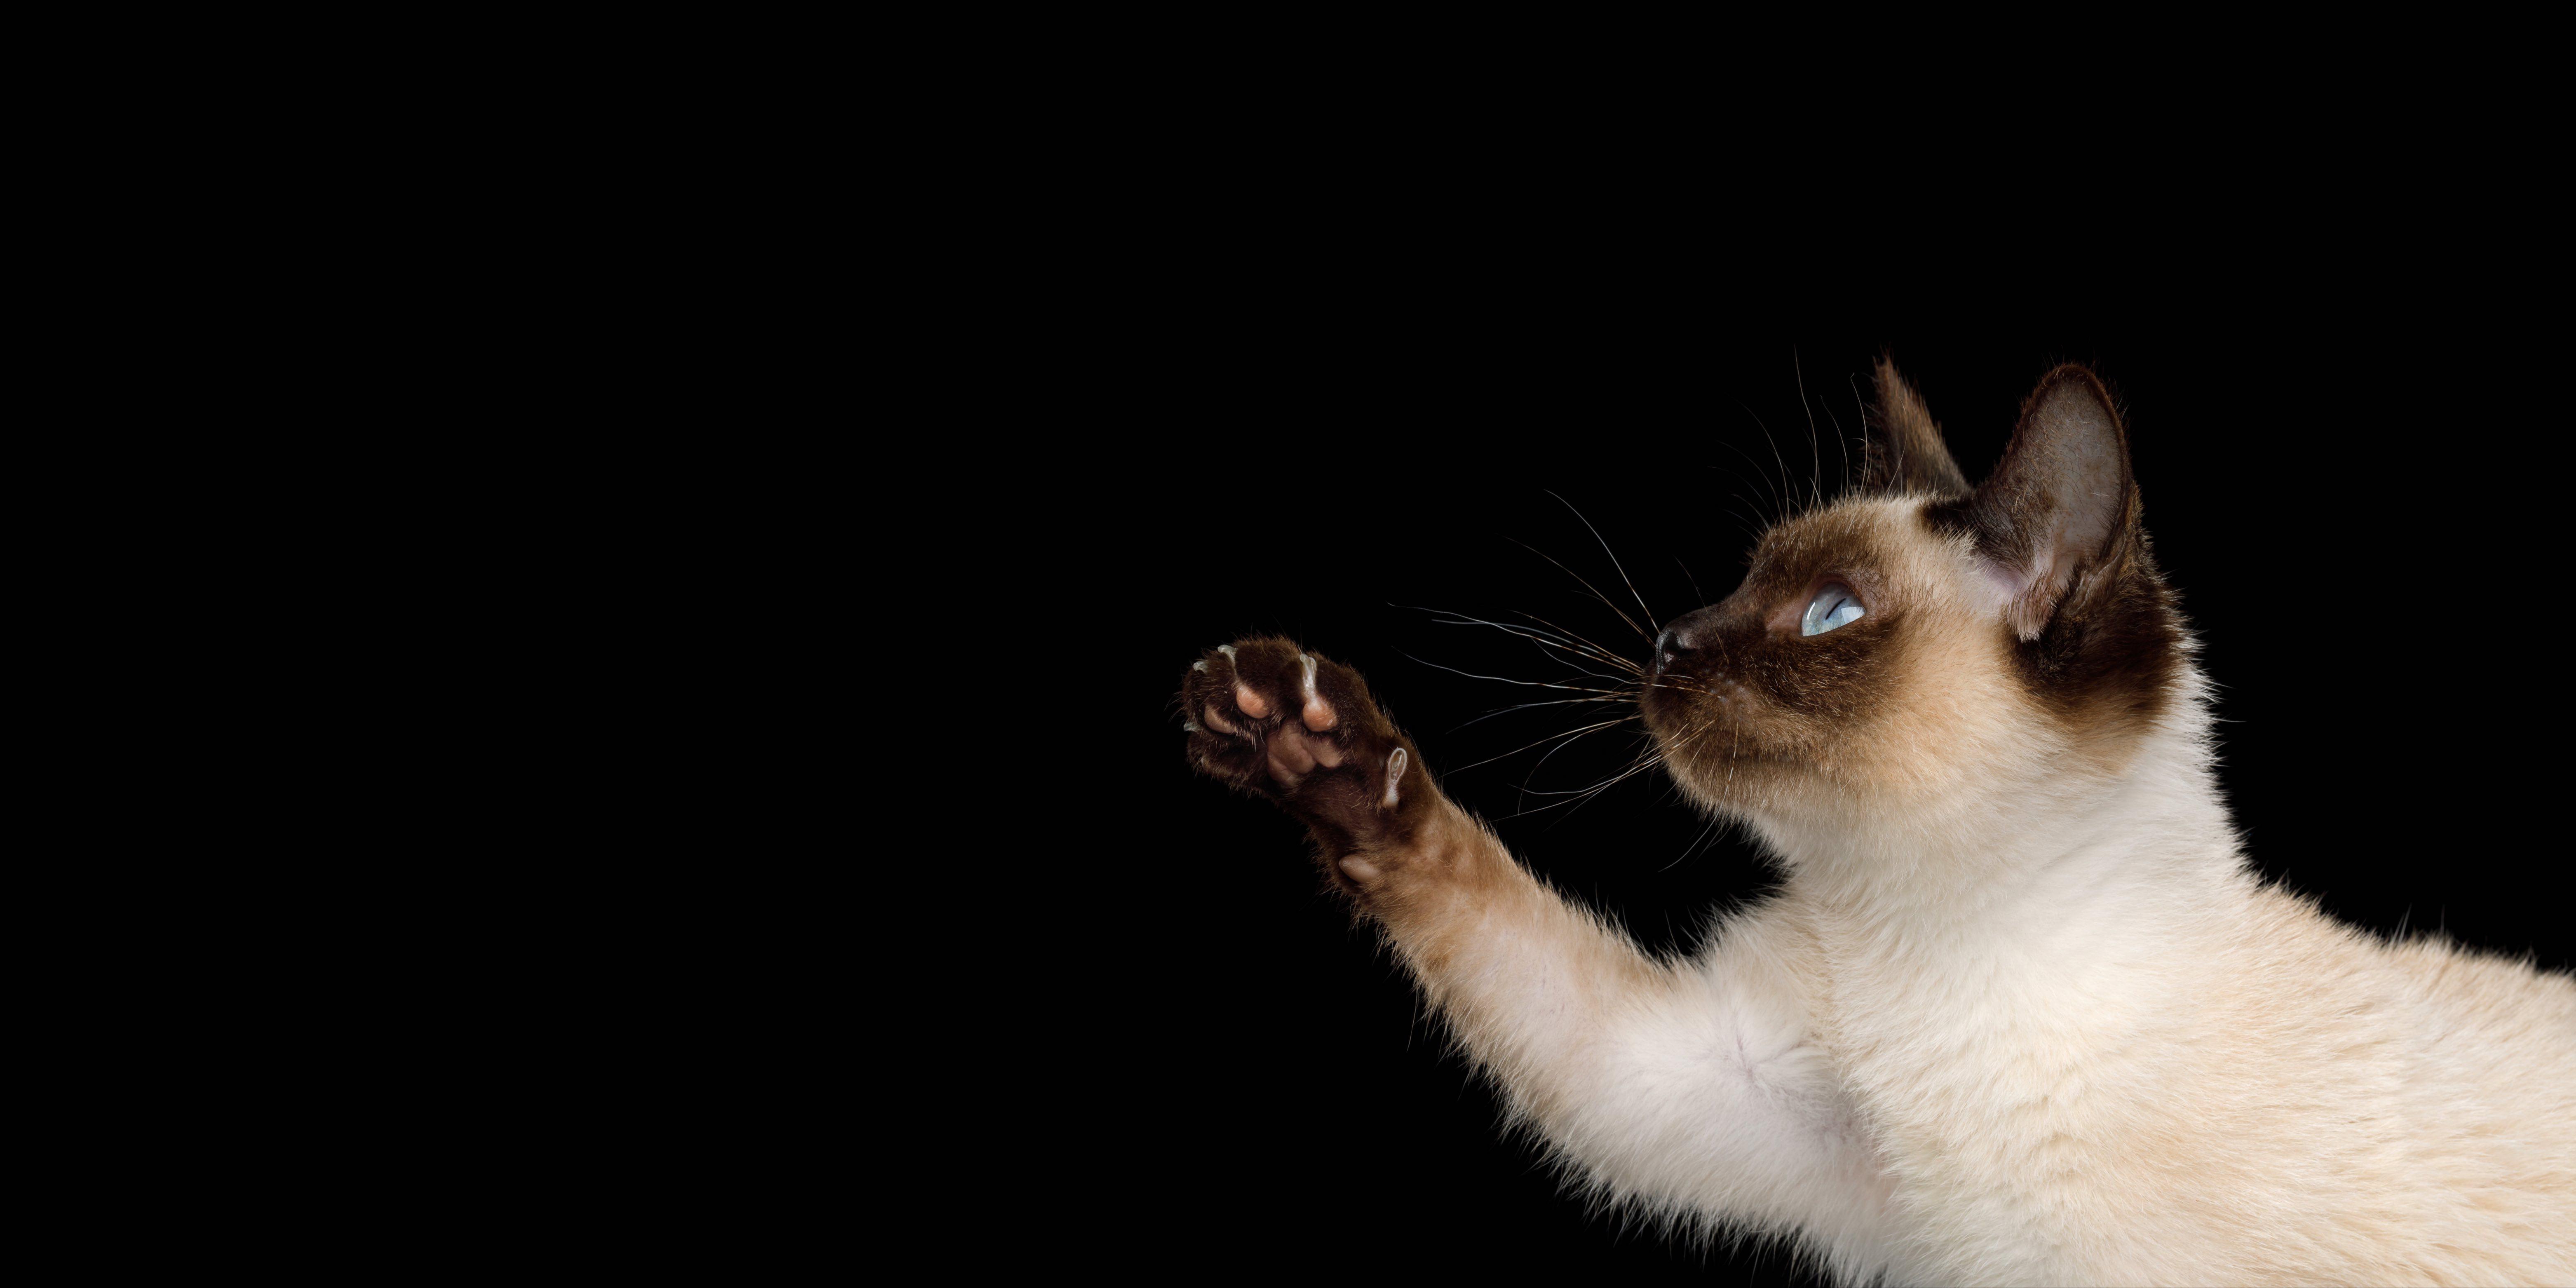 cat2head